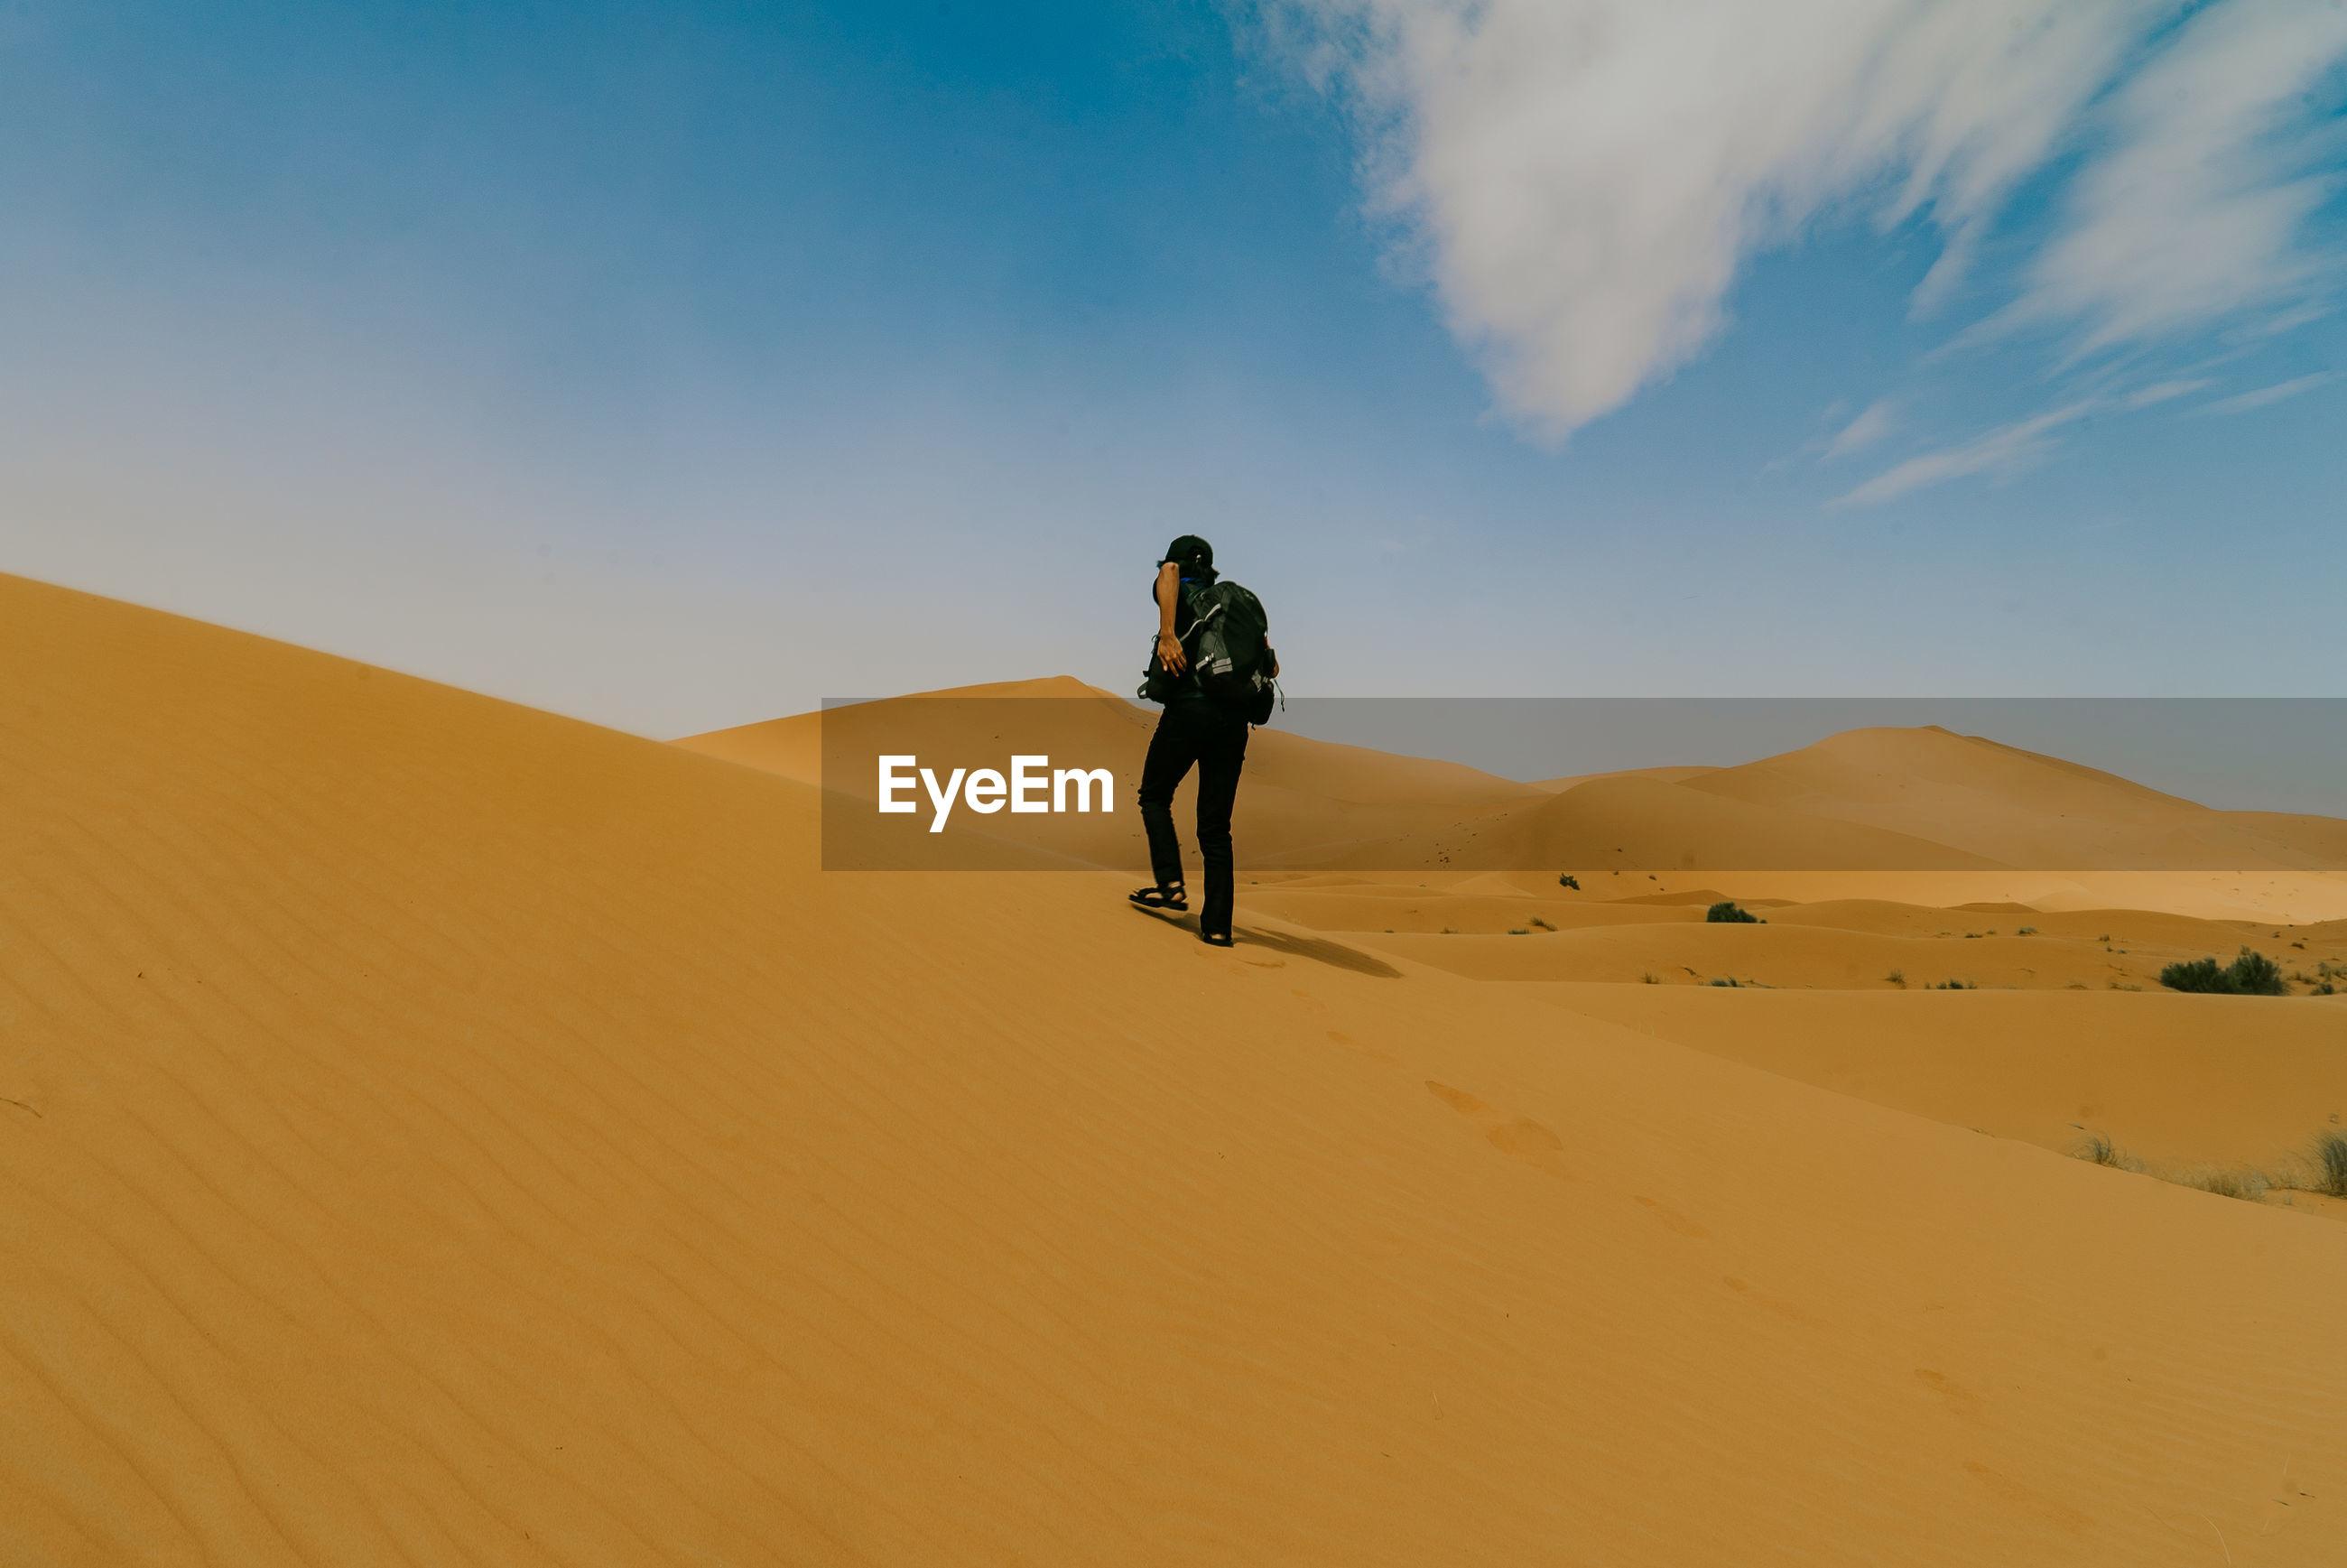 Full length man standing on sand dune in desert against sky